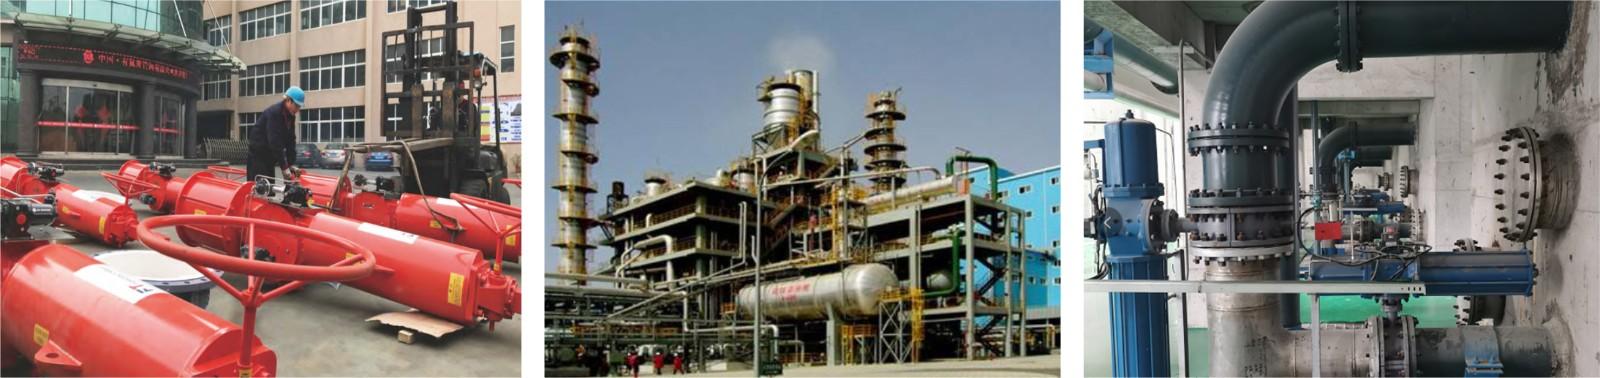 煤化工装置